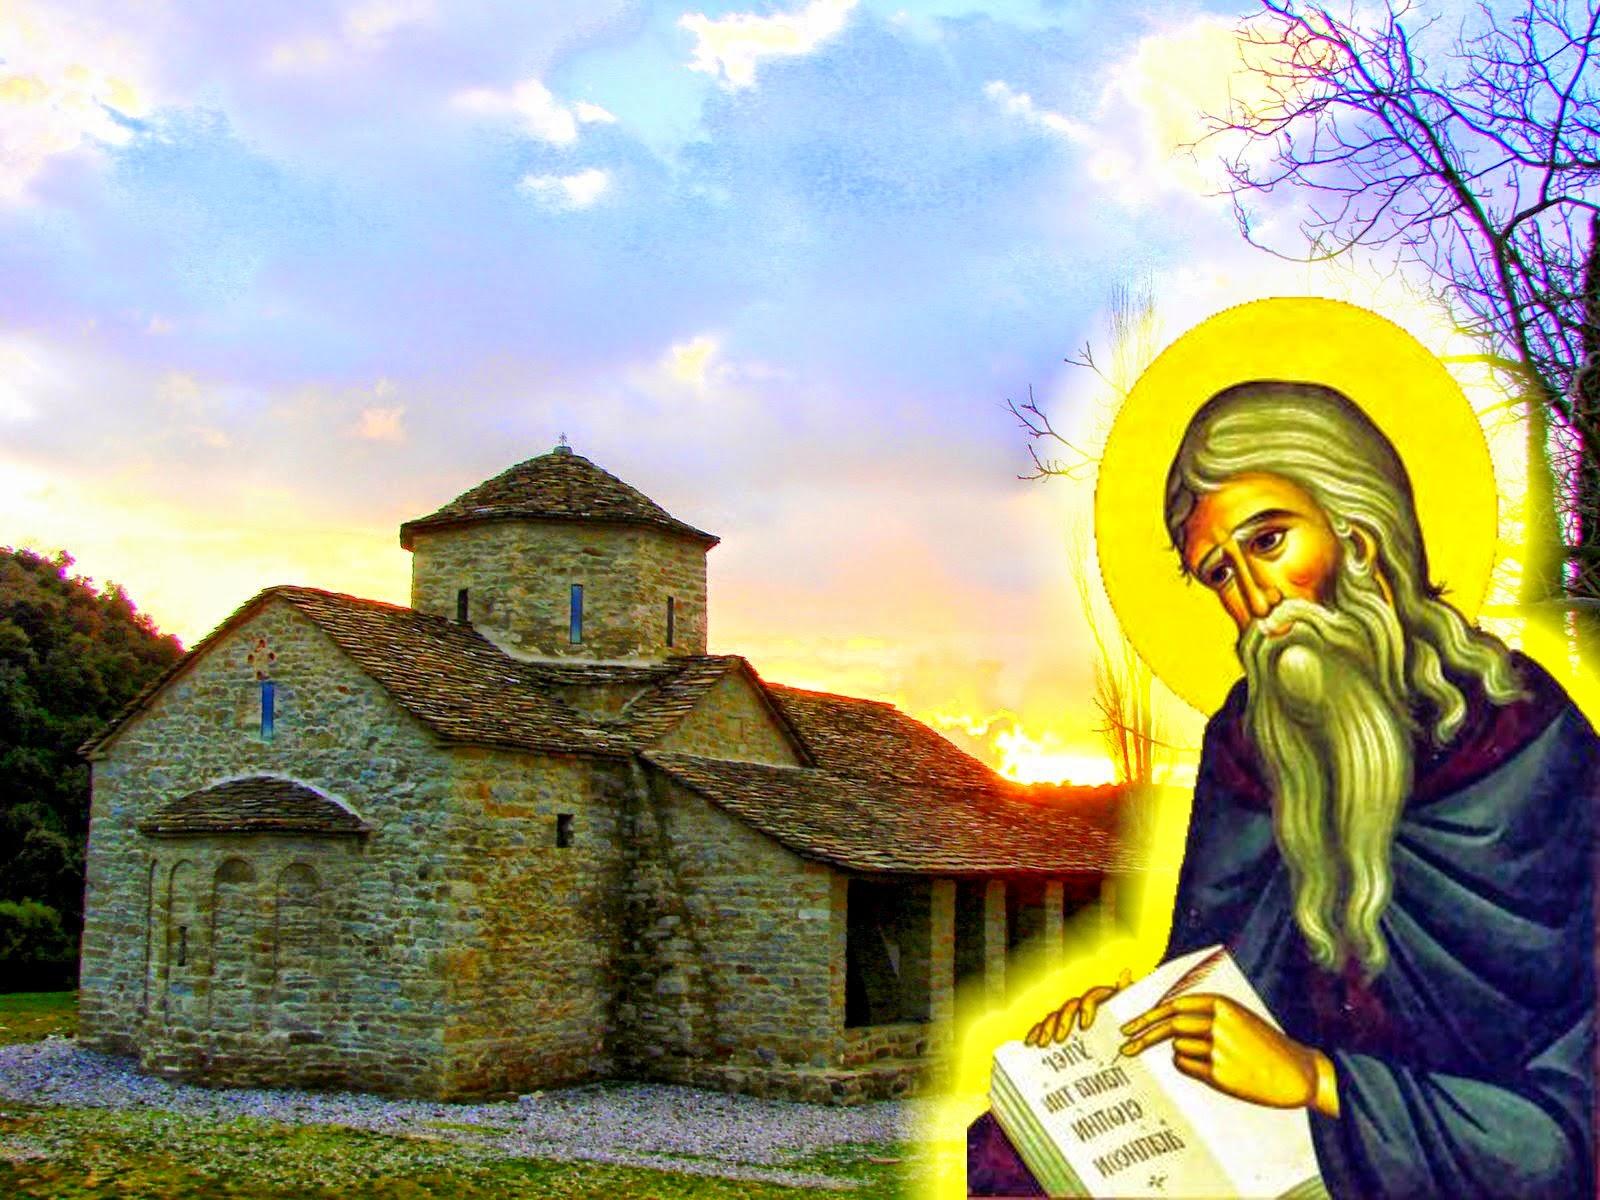 Ψήγματα Χρυσού από τους Ασκητικούς Λόγους του Αββά Ισαάκ του Σύρου (Μελέτημα 3ον & 4ον)